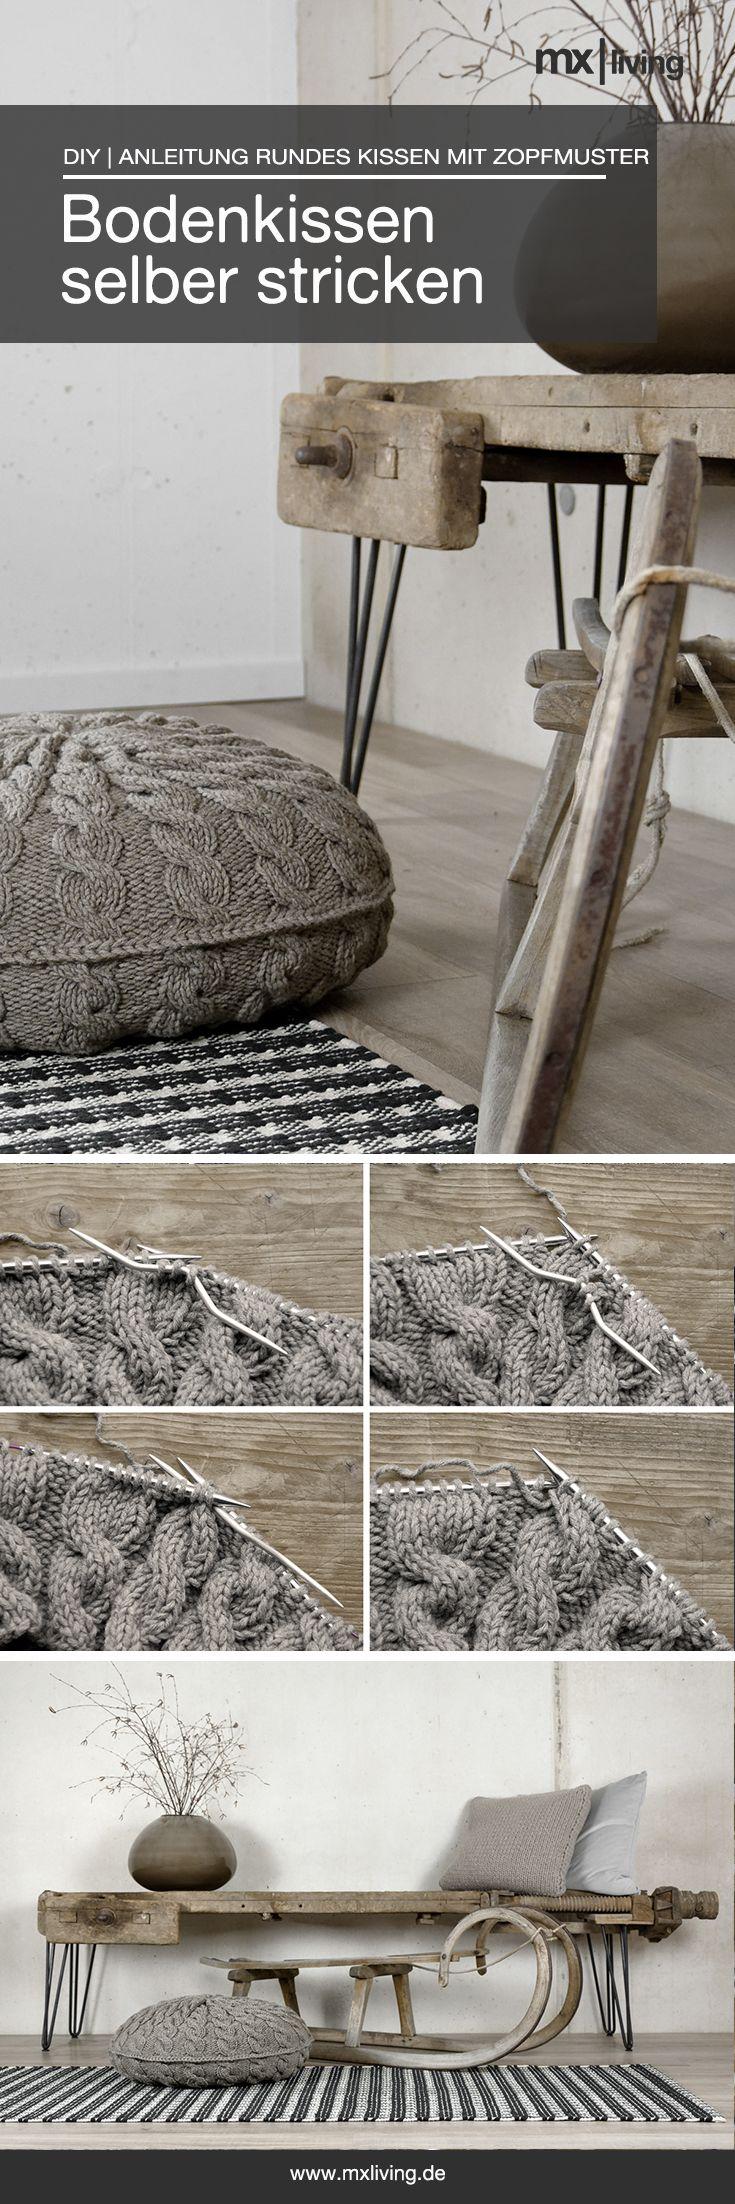 Bodenkissen mit Zopfmuster selber stricken, hier geht es zur Anleitung!